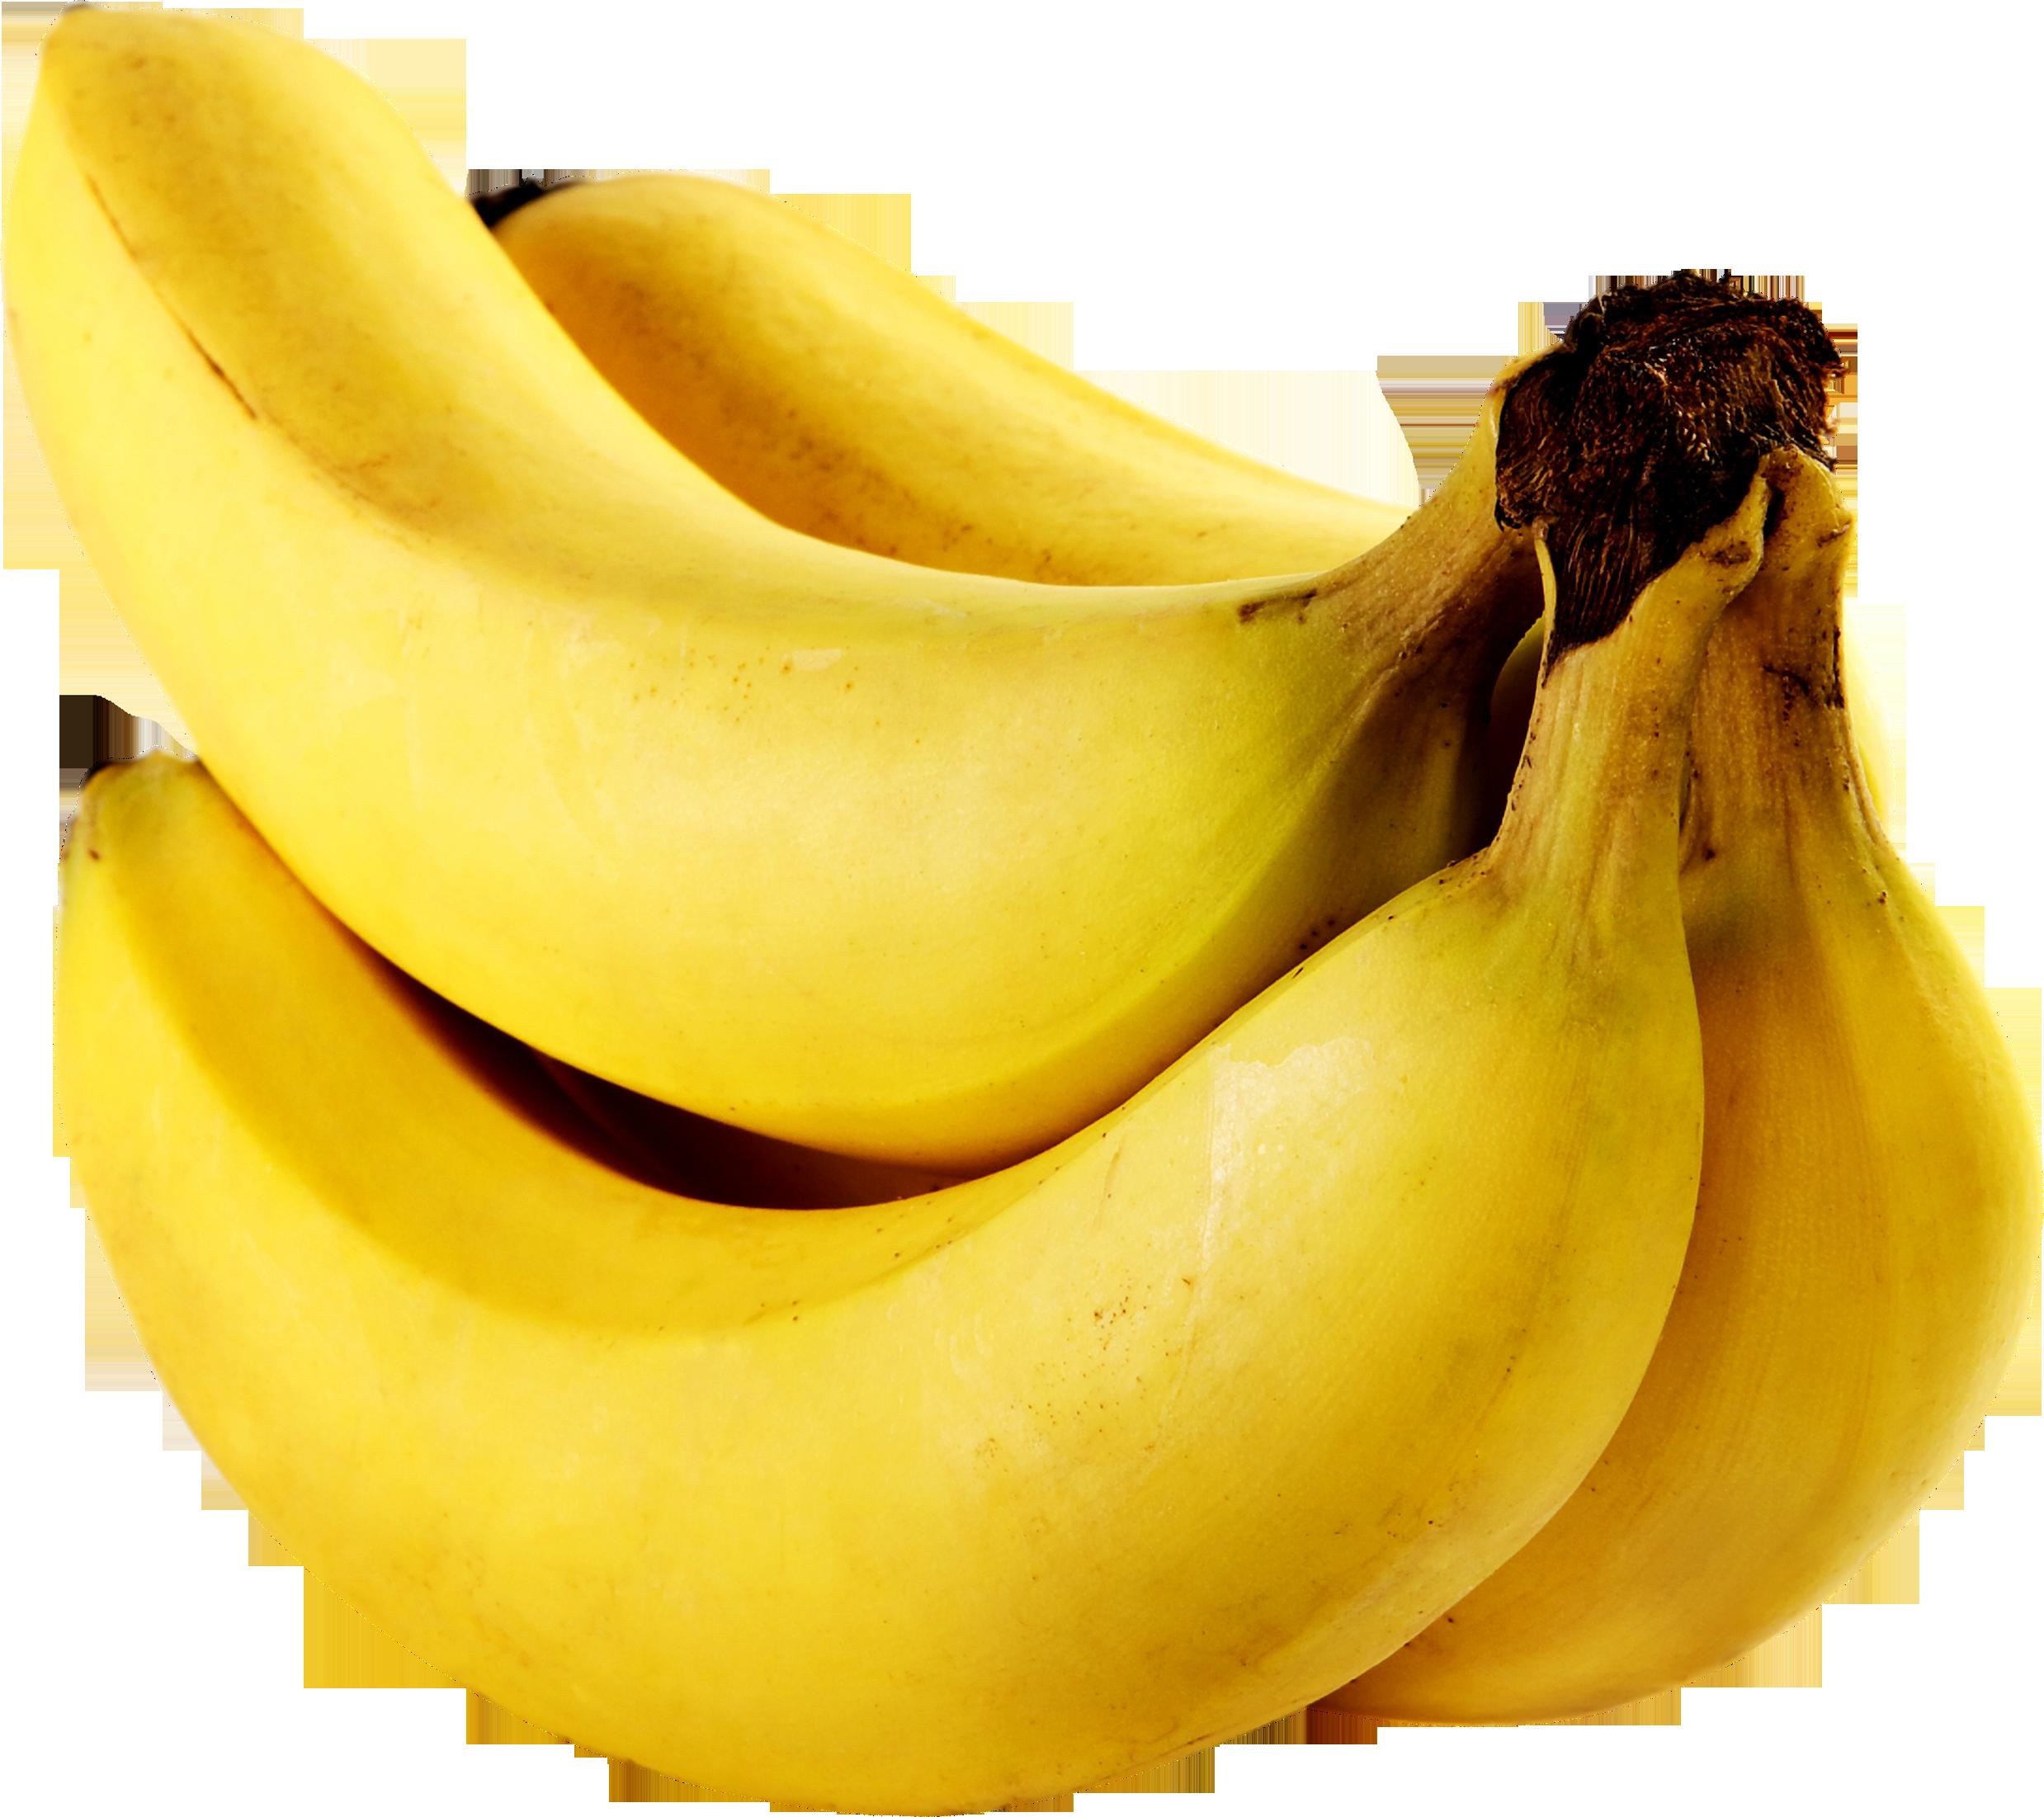 banana PNG image, bananas pic